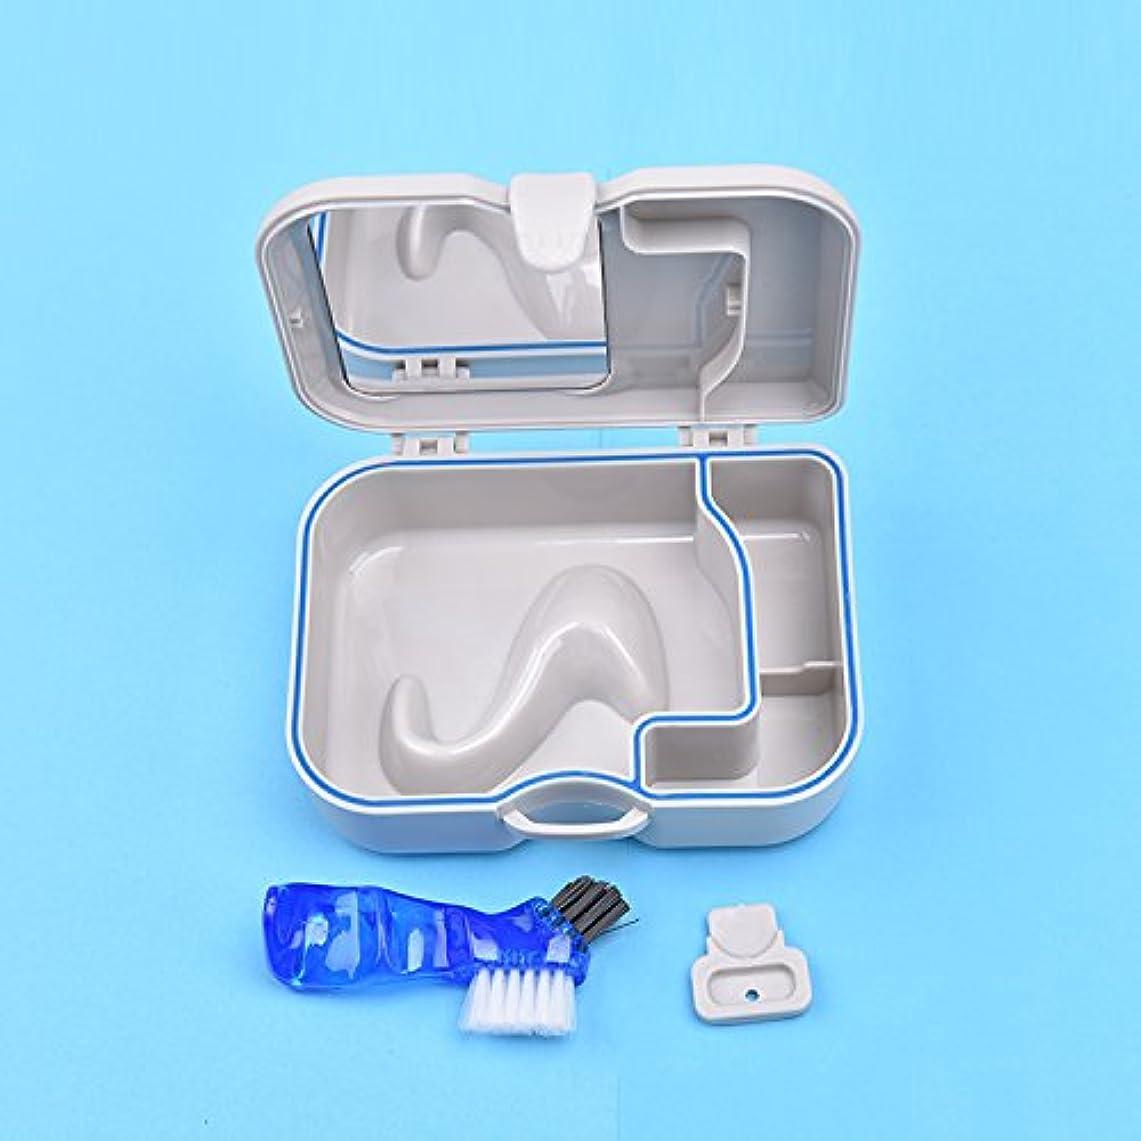 士気文字復活させる入れ歯ケース セット 鏡とブラシ付き義歯ケース Annhua